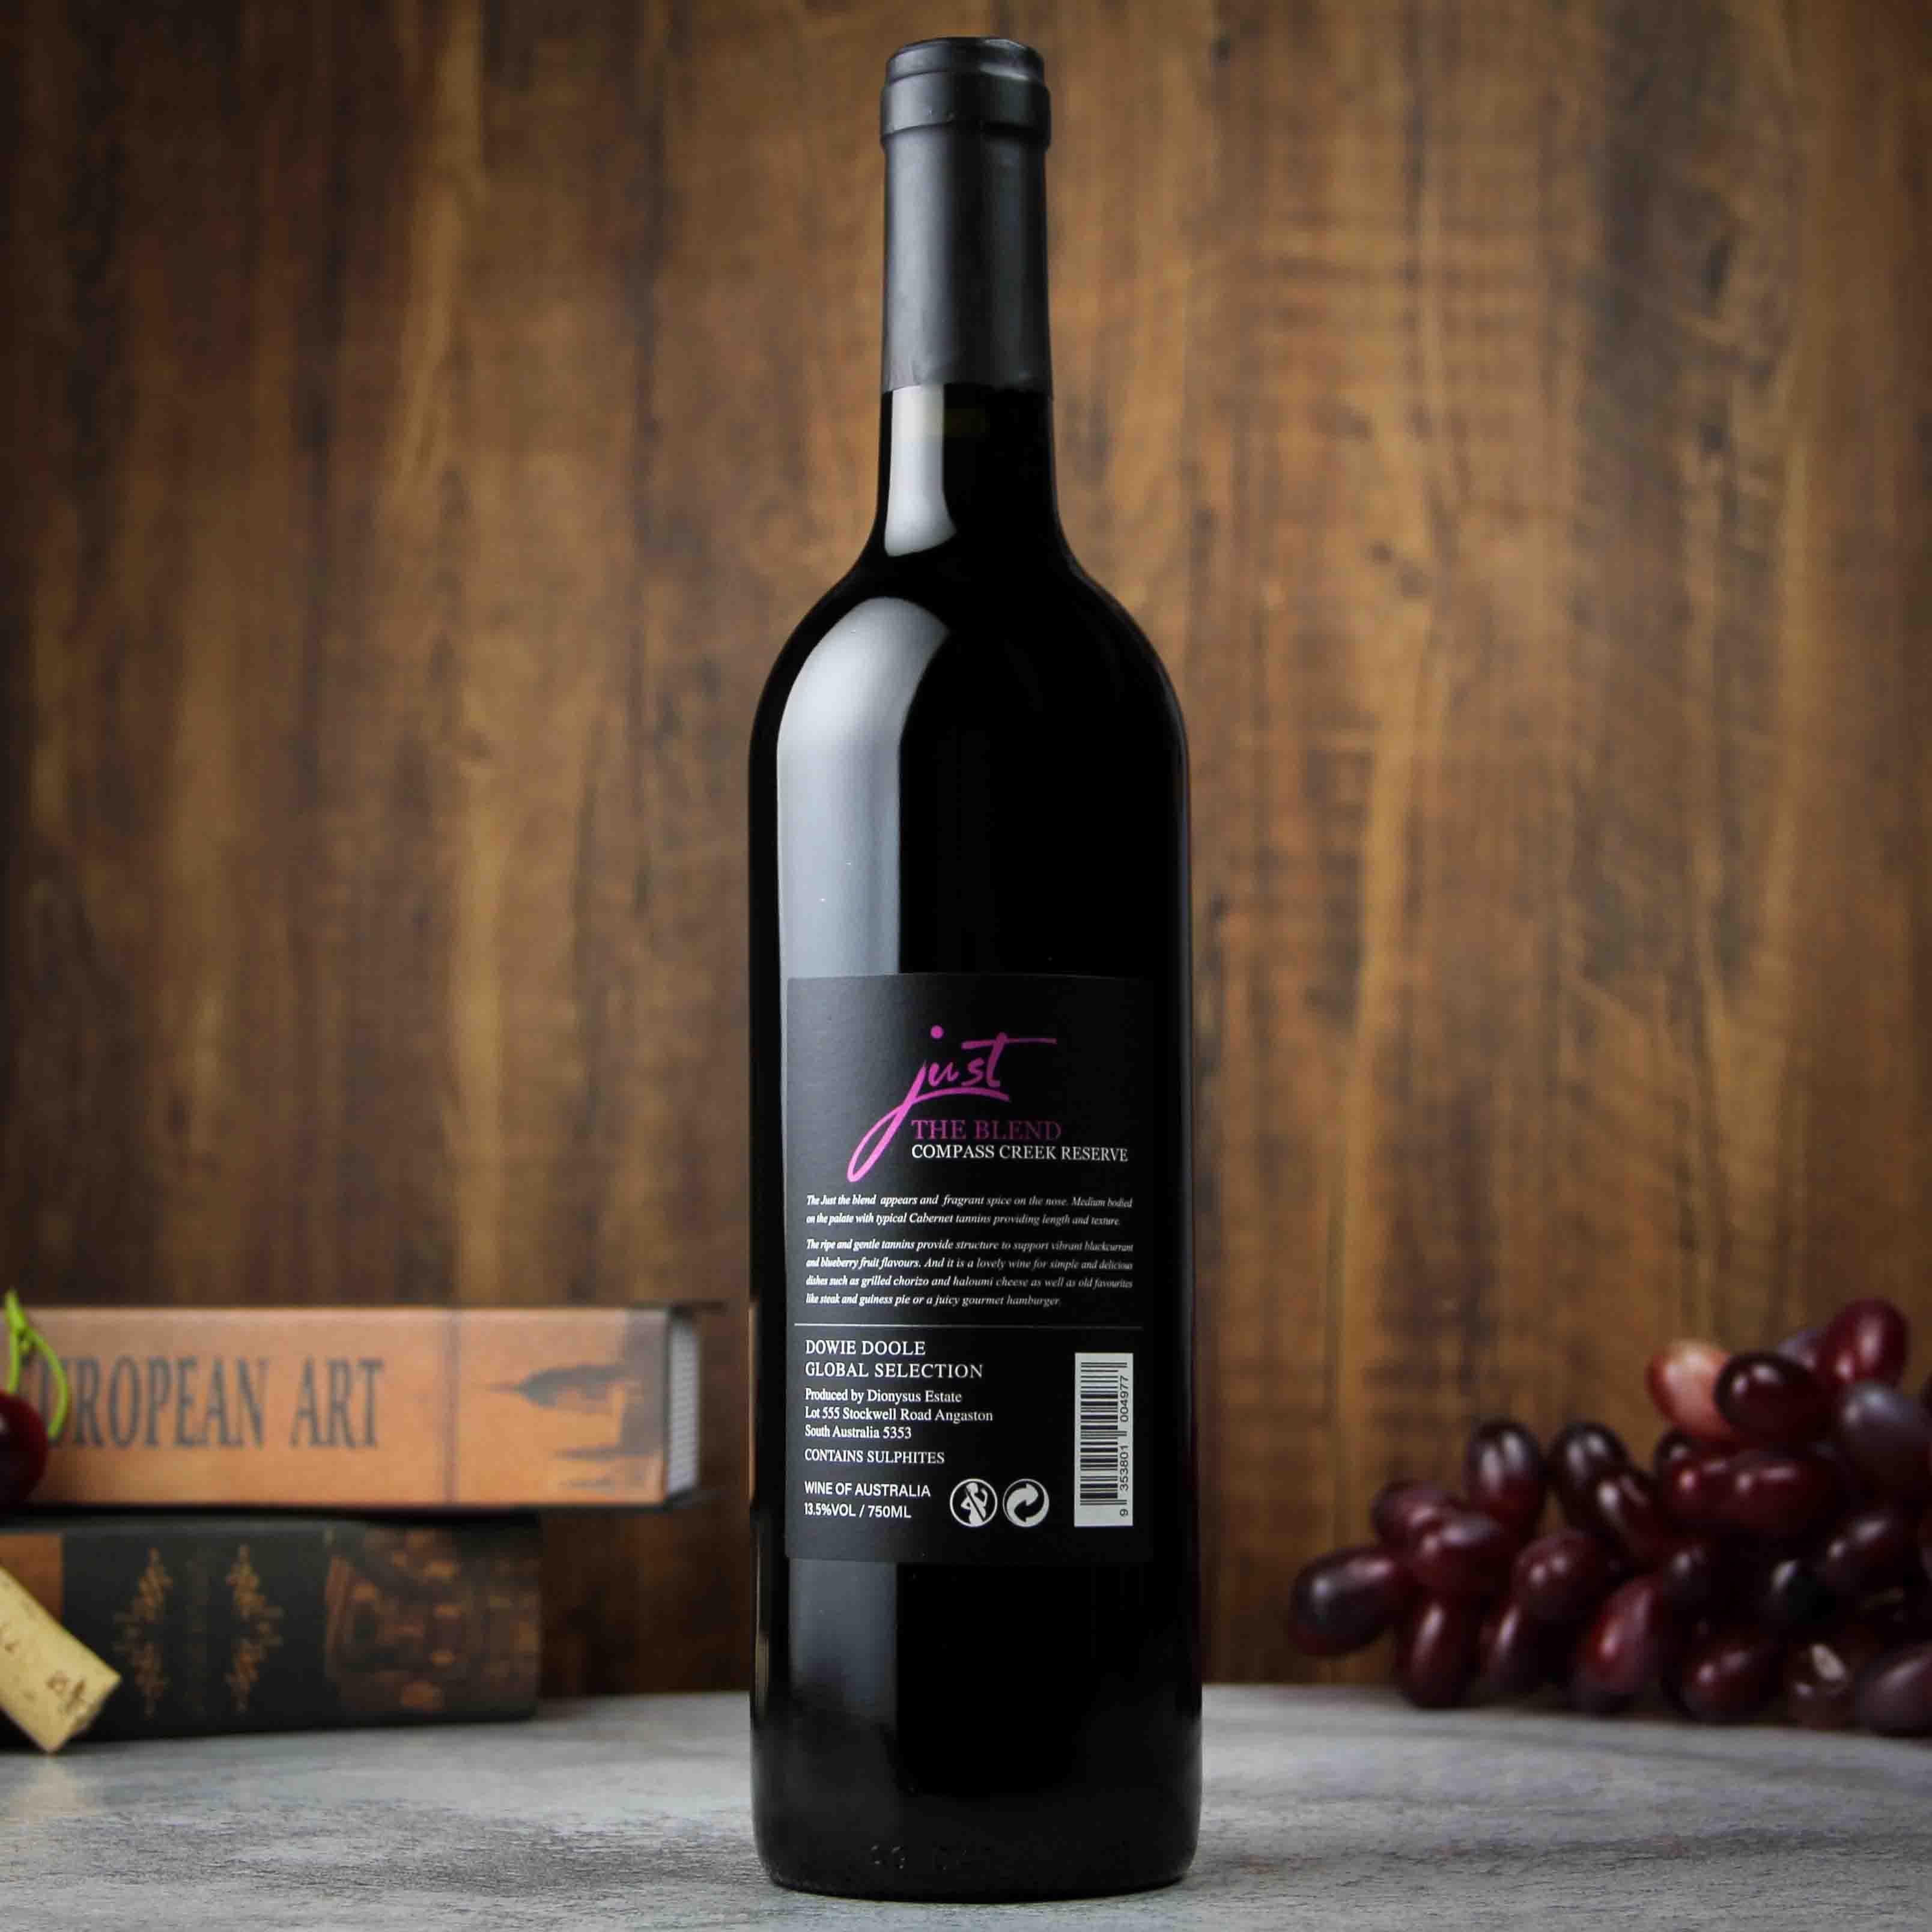 澳大利亚都度JUST勾魂马略卡岛混酿干红葡萄酒